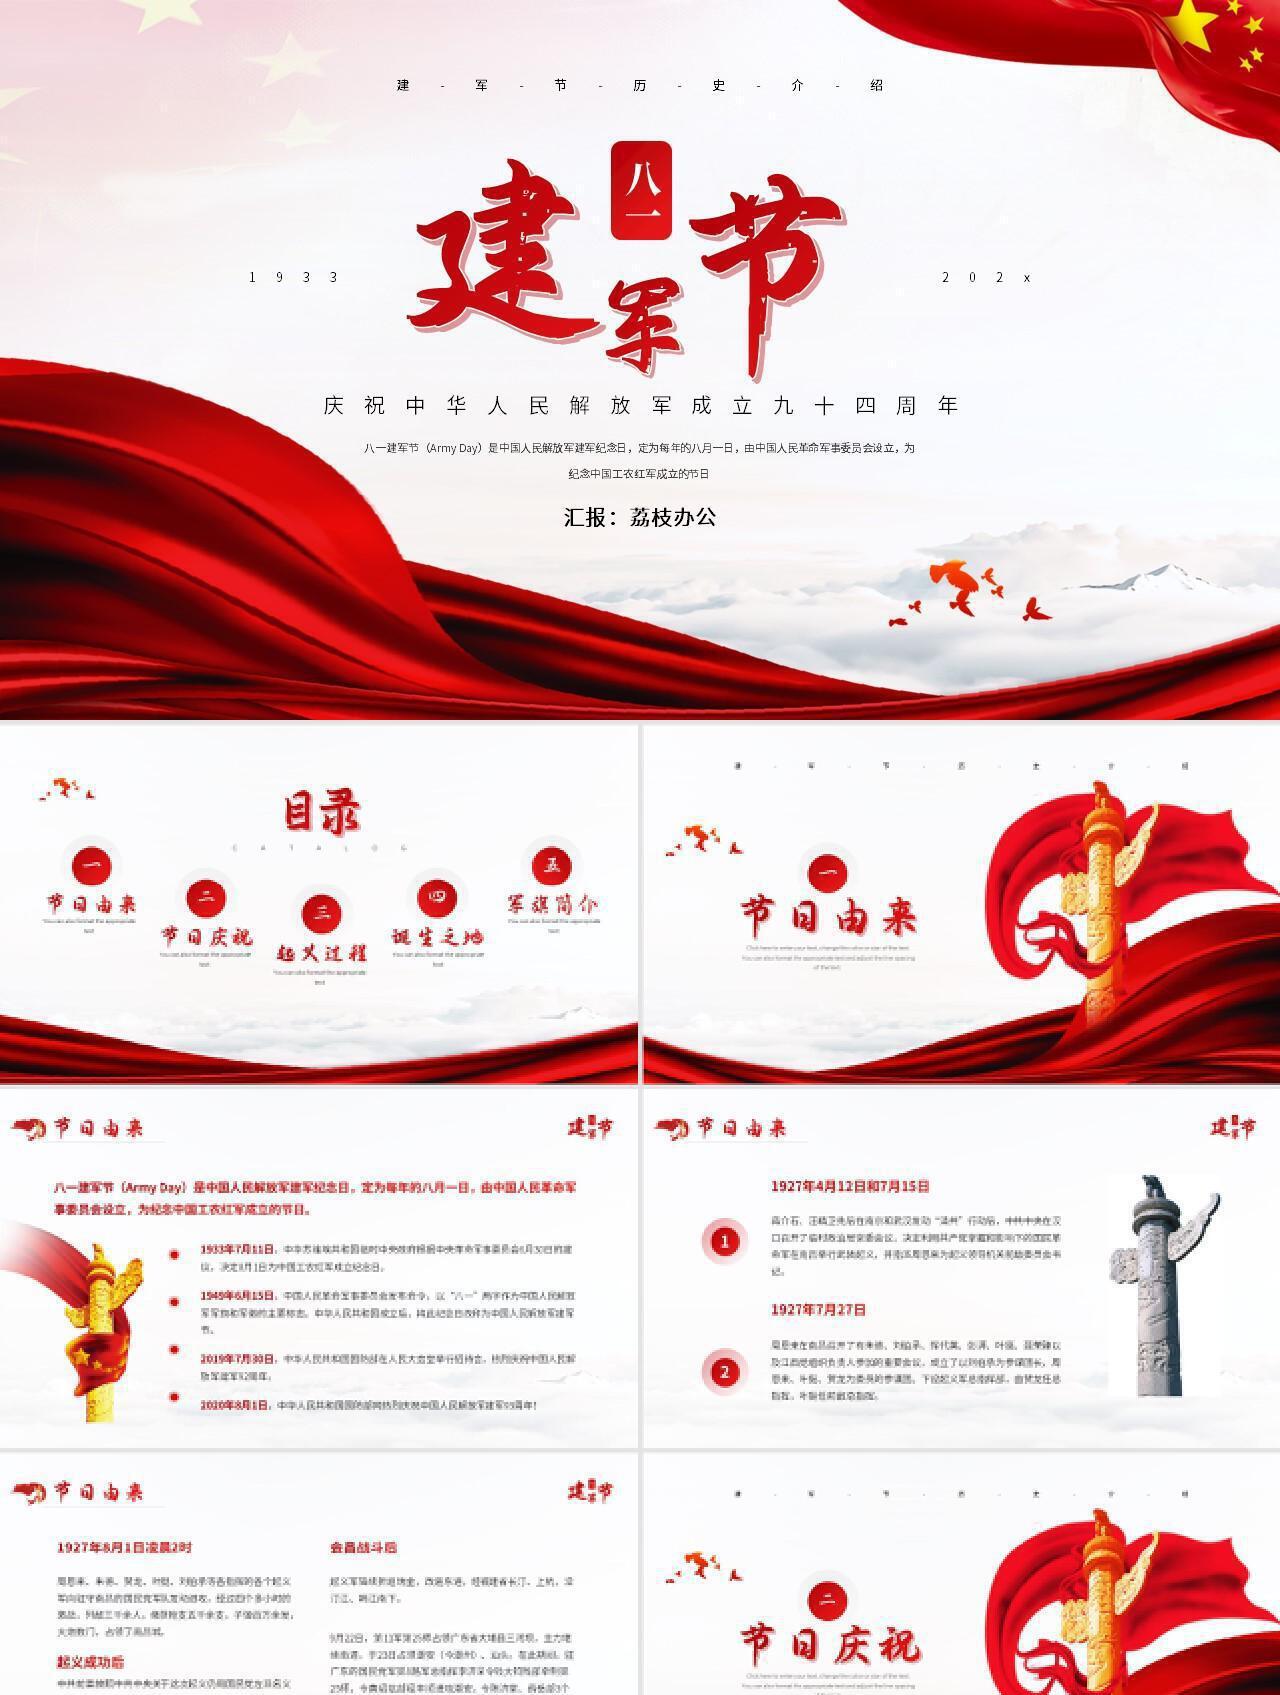 红色党政风格建军节历史介绍PPT模板